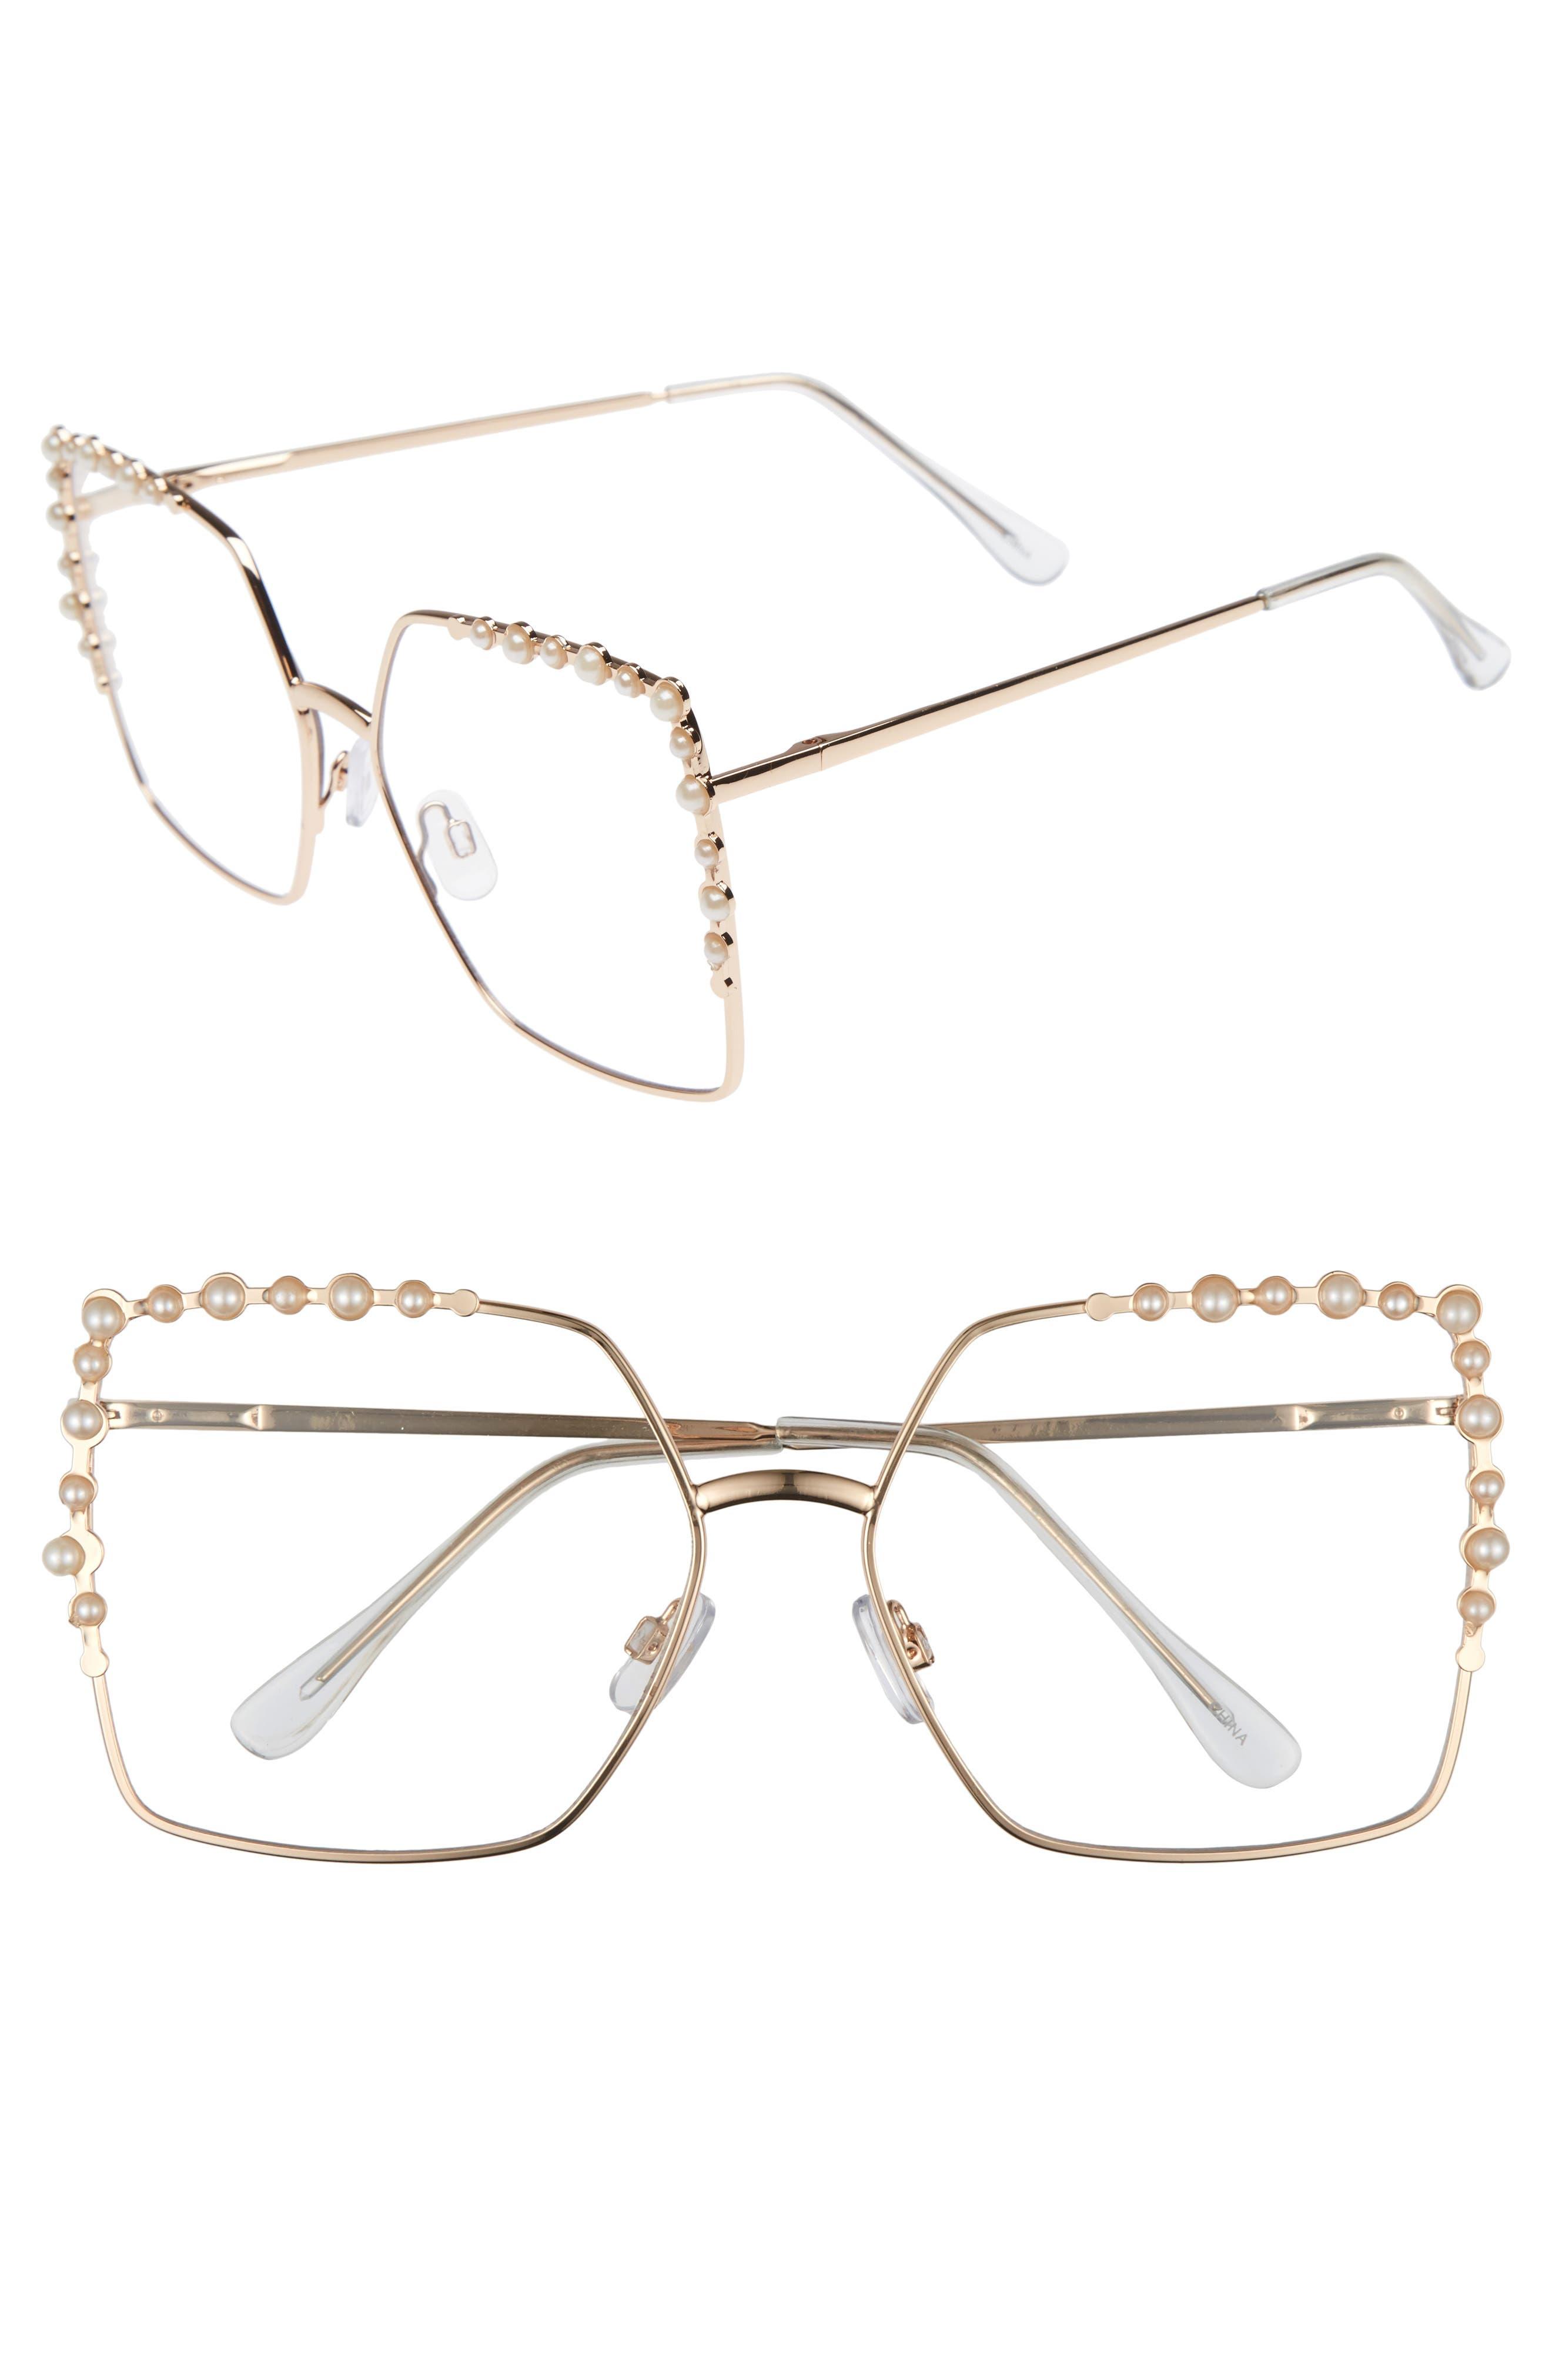 63mm Imitation Pearl Square Fashion Glasses,                             Main thumbnail 1, color,